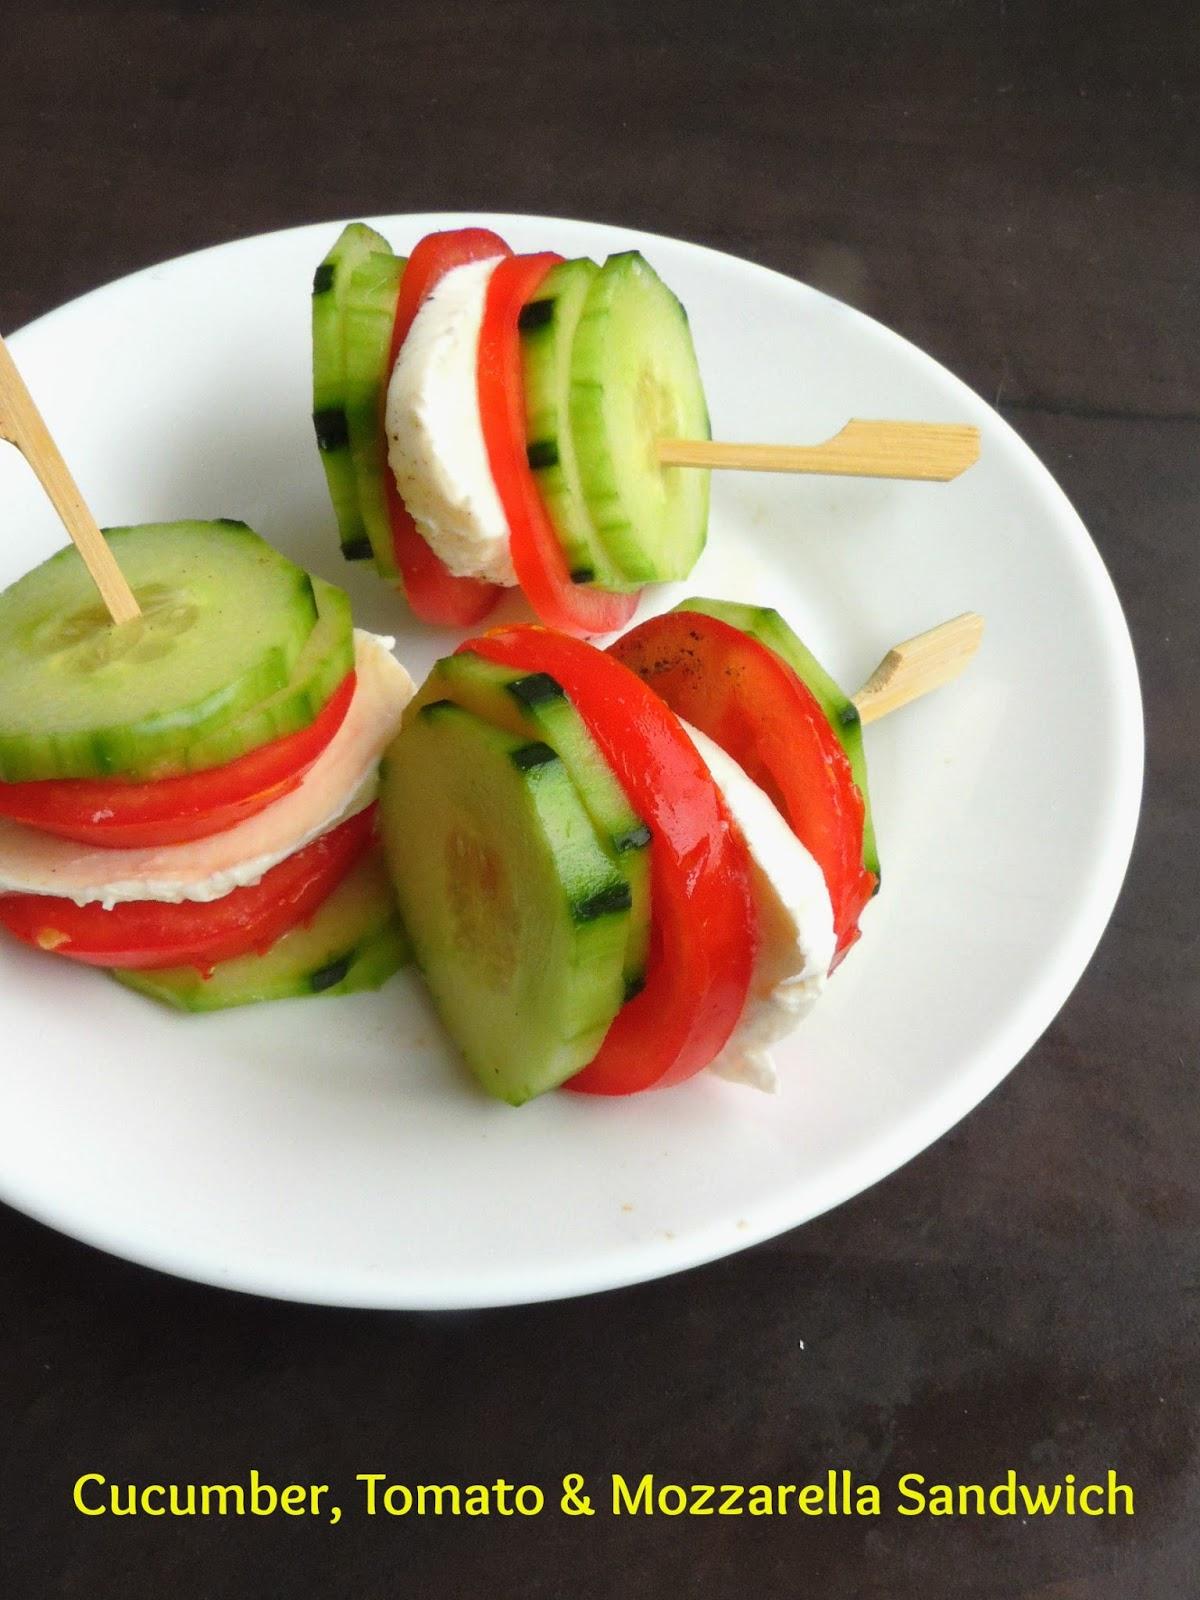 ... tomato mozzarella sandwich basil tomato and mozzarella sandwich note